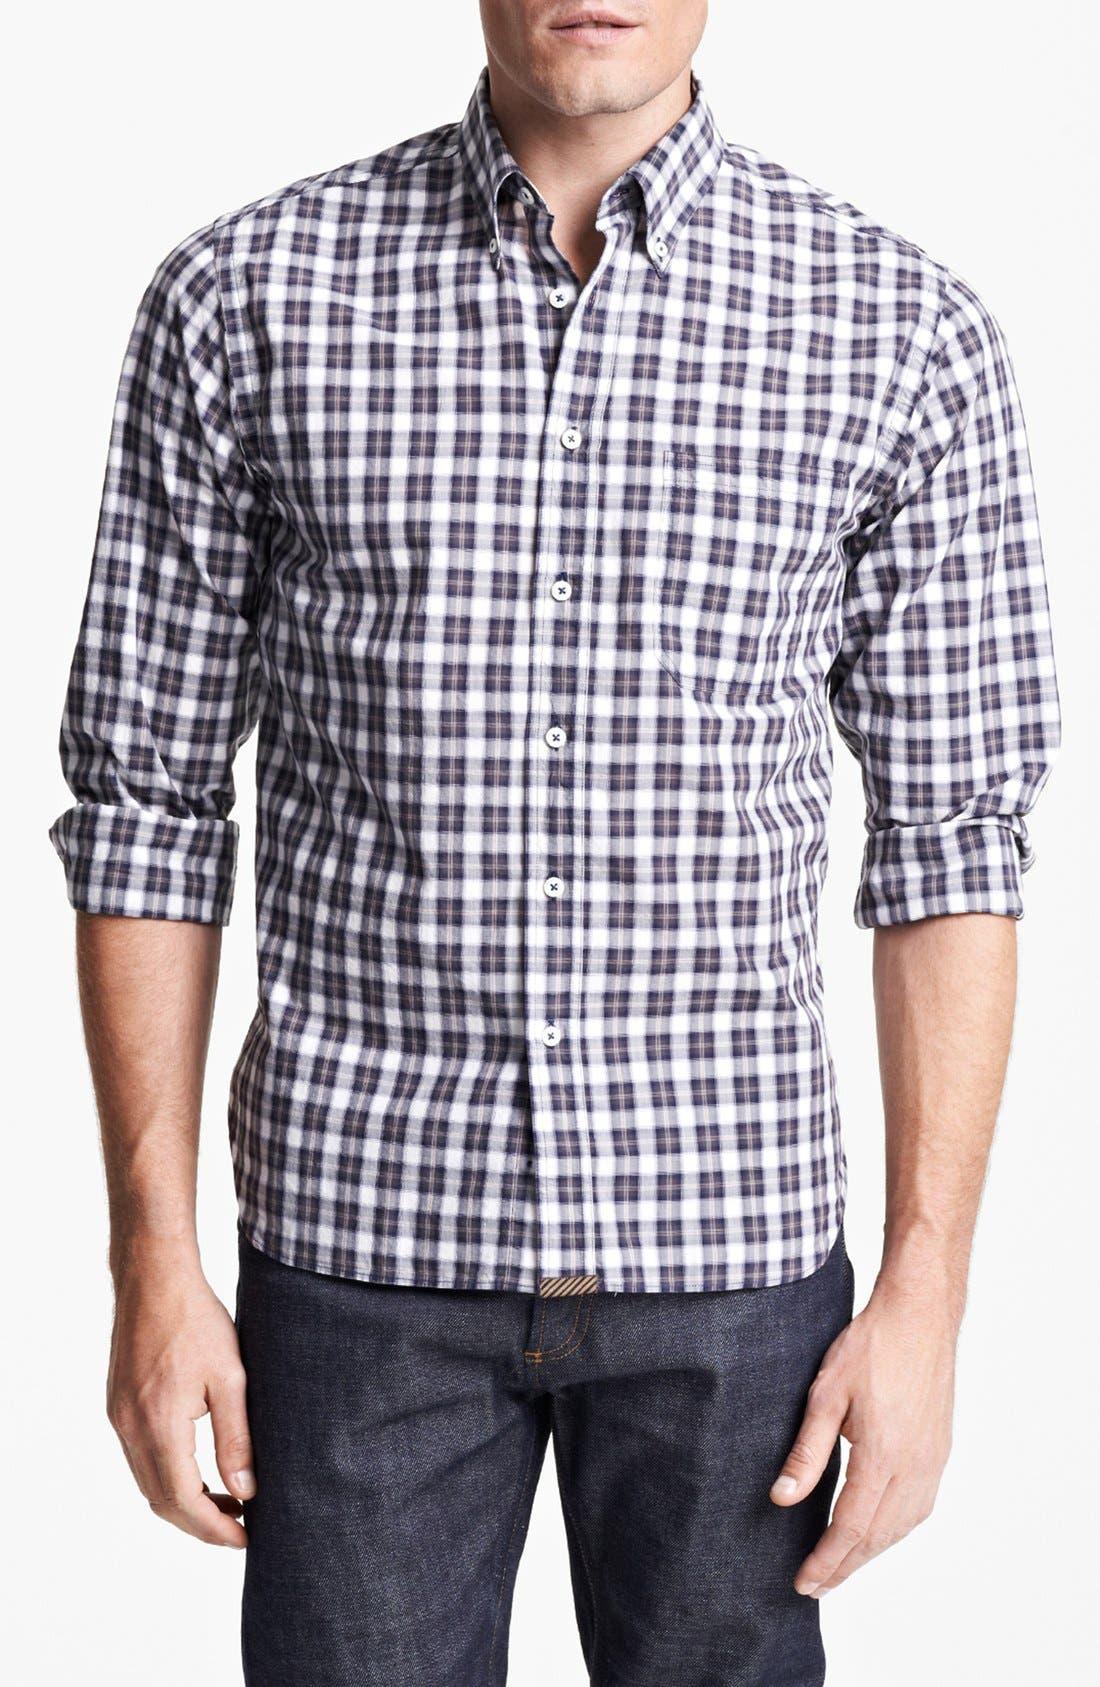 Main Image - Billy Reid 'Tuscumbia' Plaid Shirt